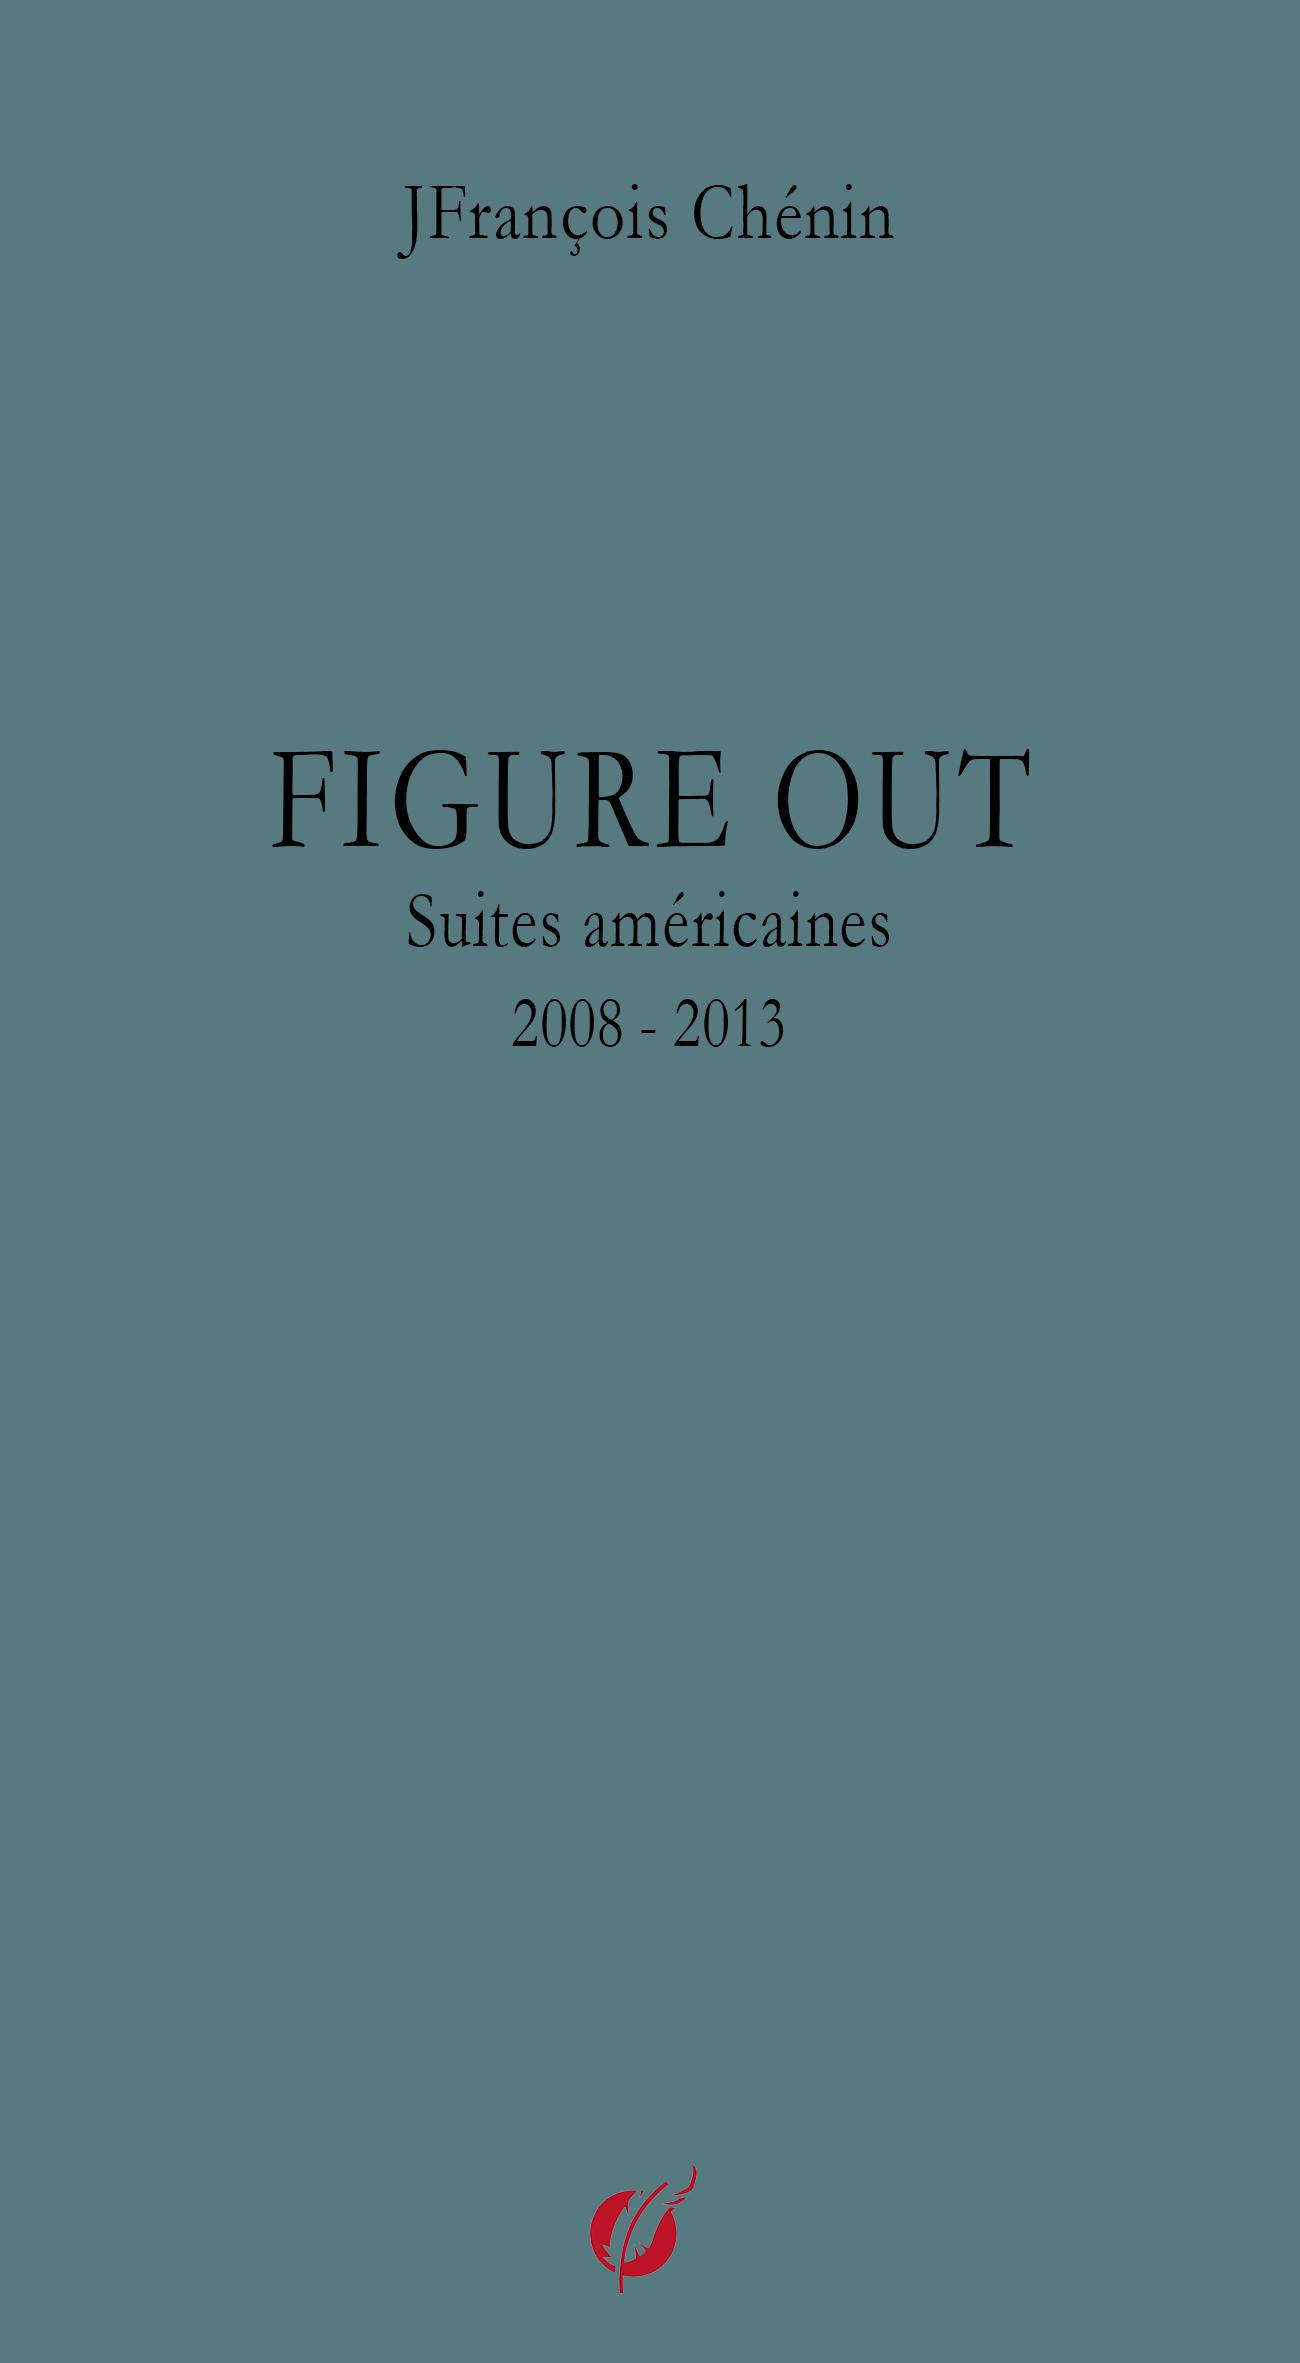 Figure out, suites américaines